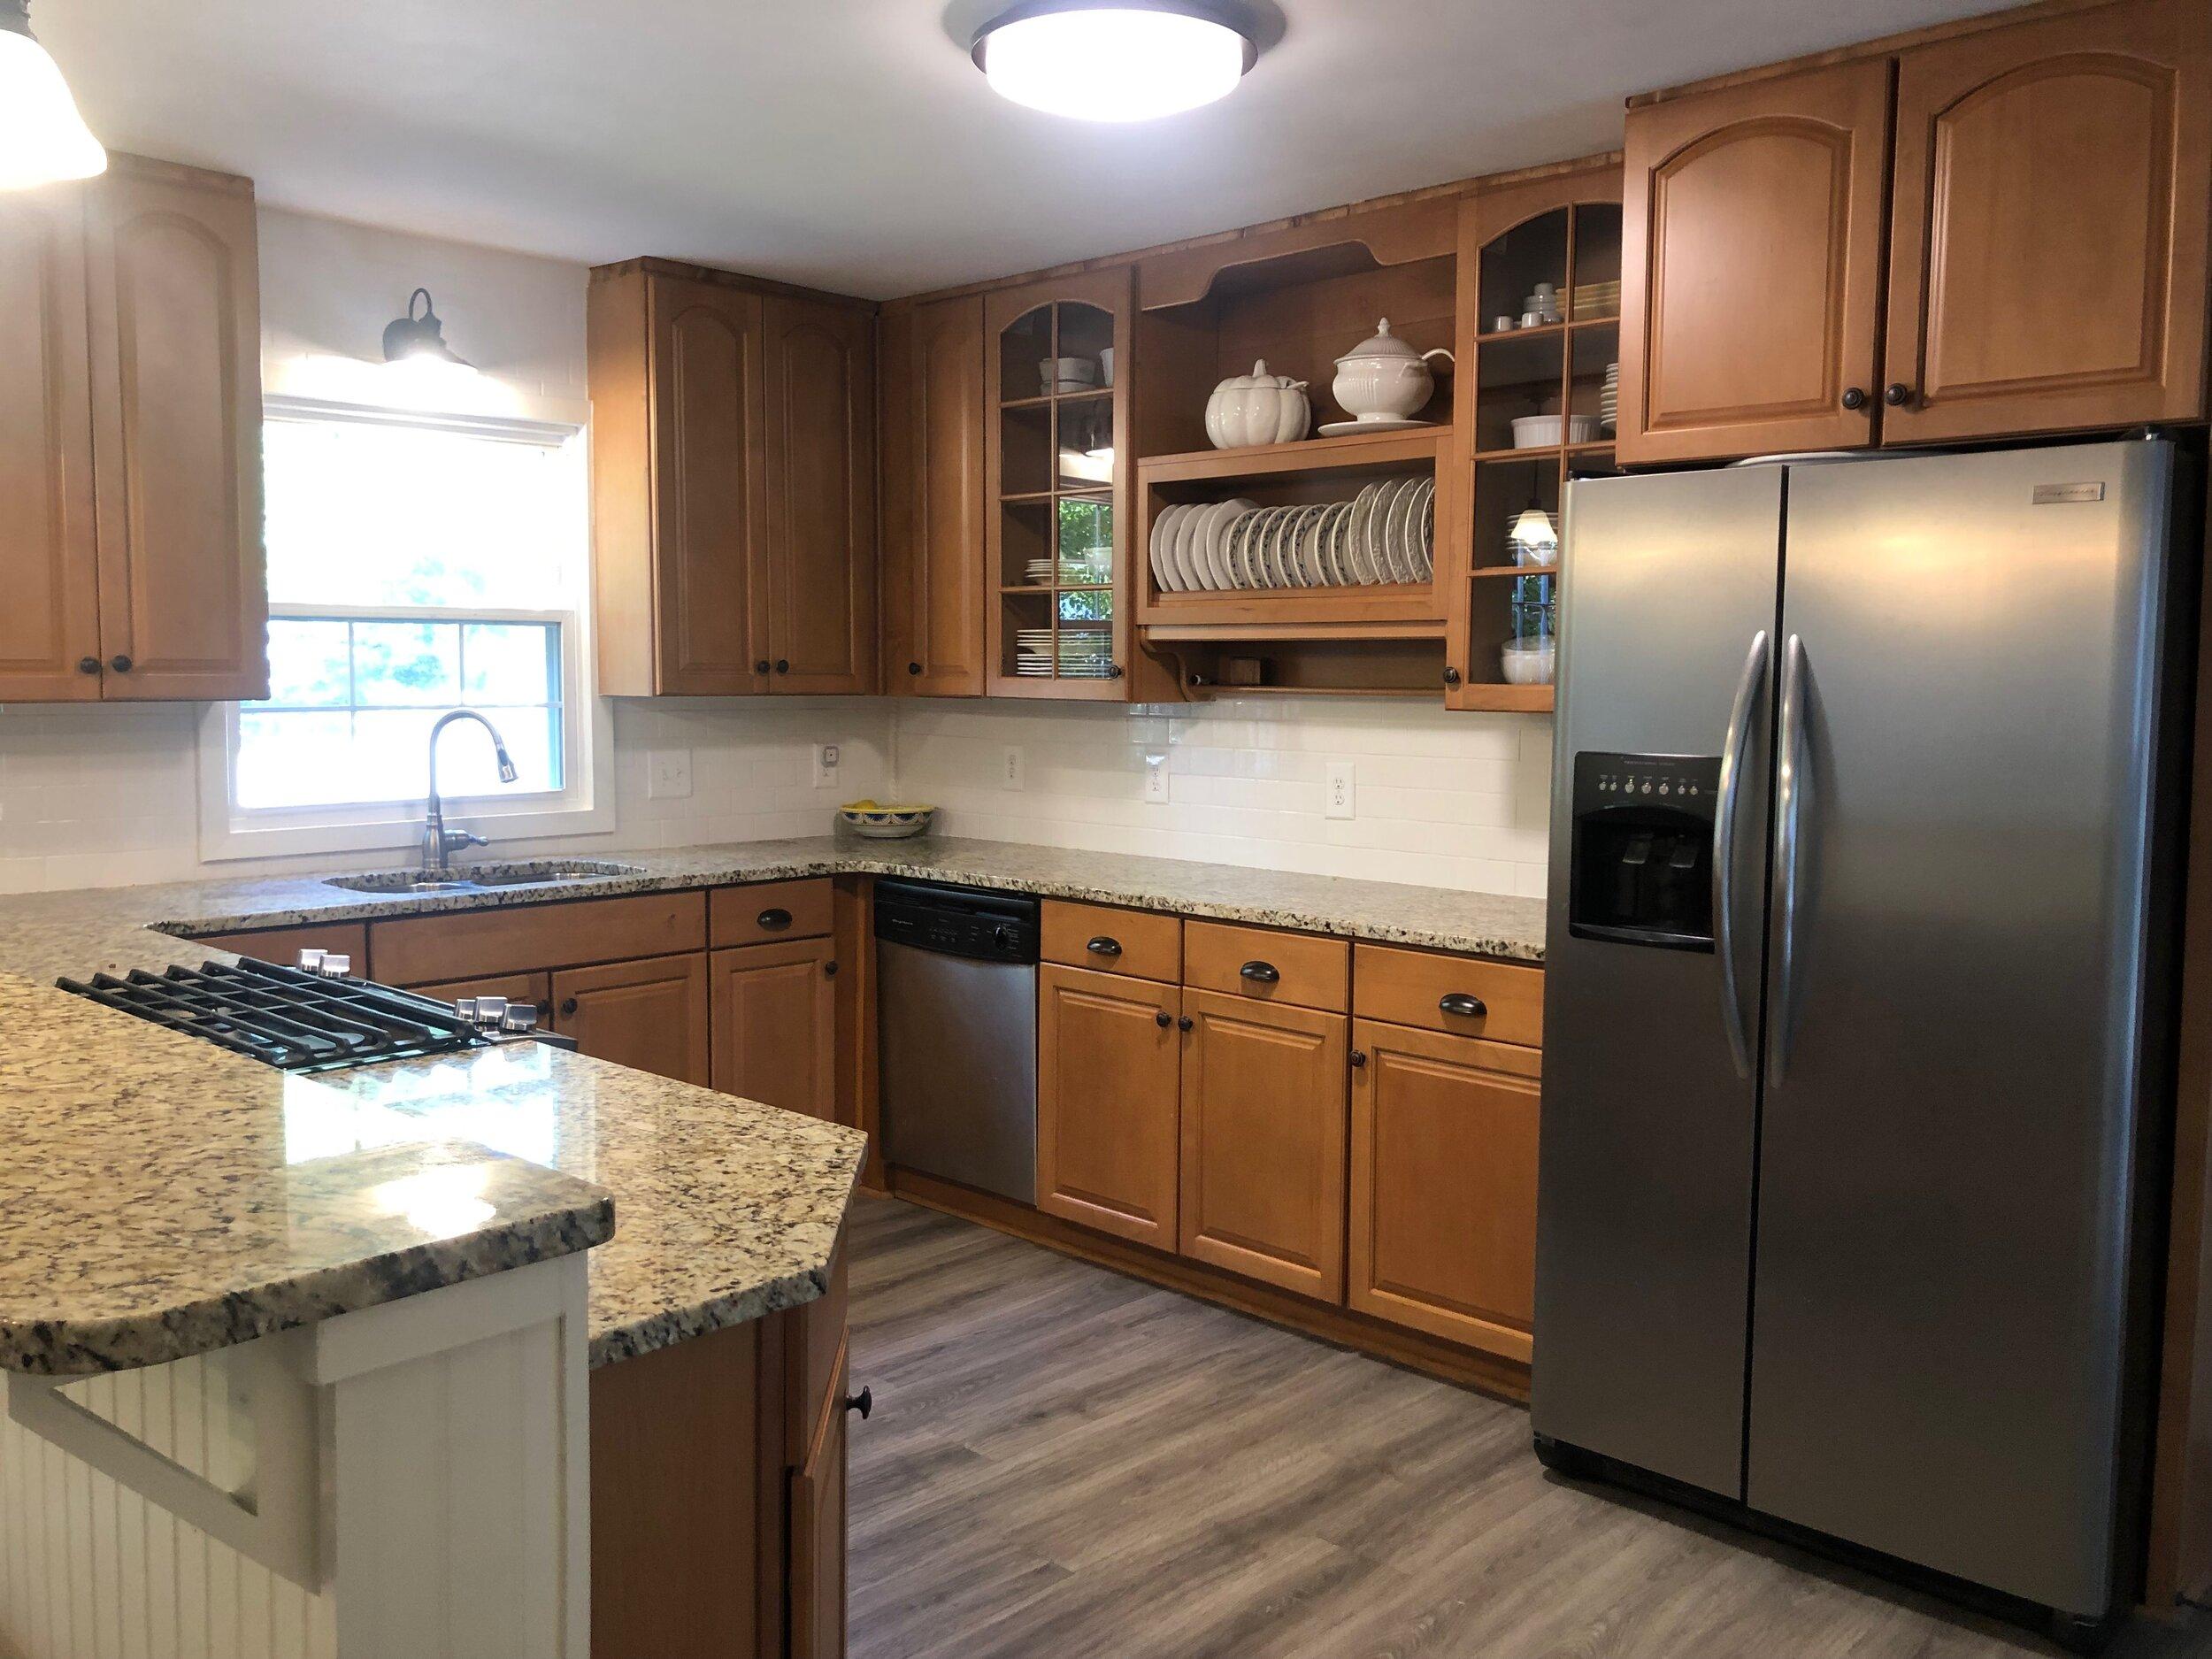 New Kitchen Frigidare Appliances